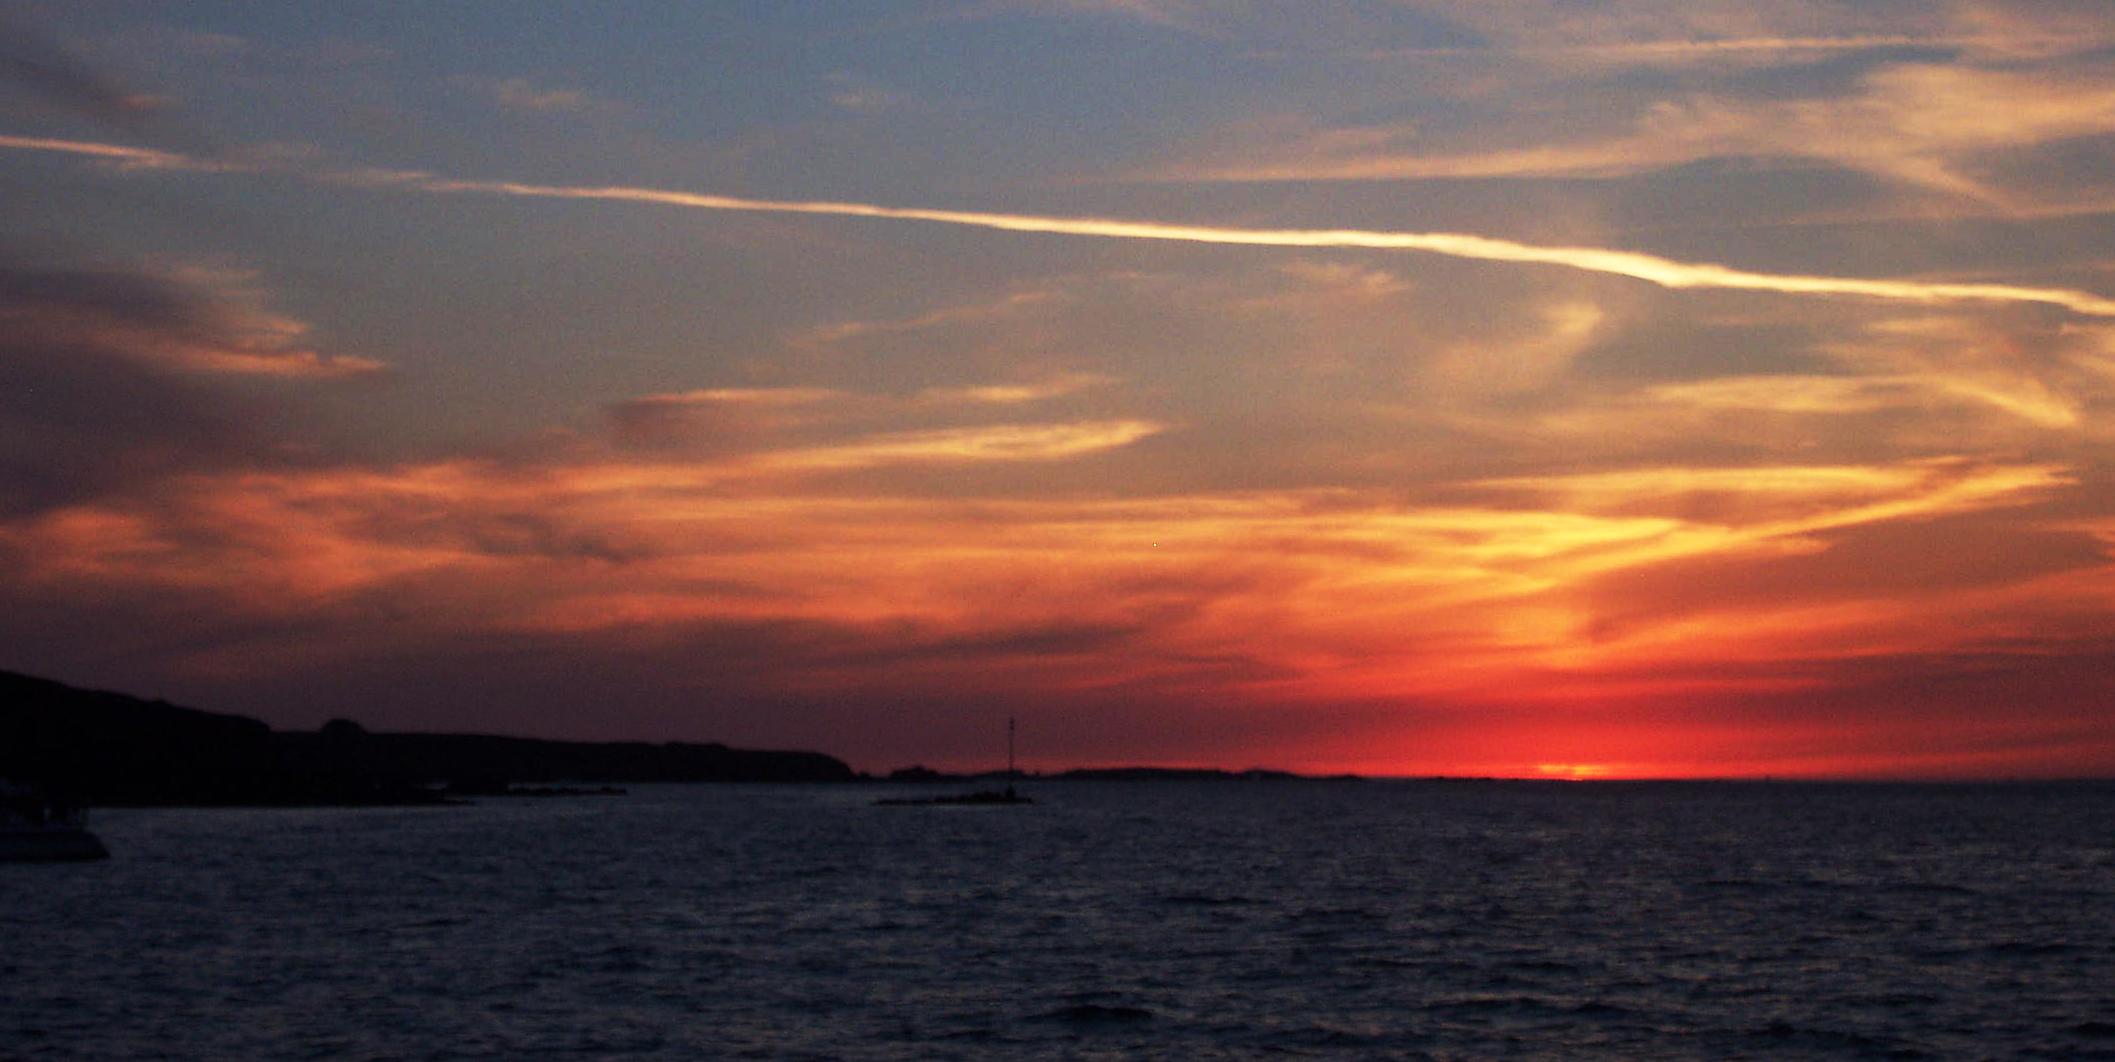 coucher de soleil - photo #36